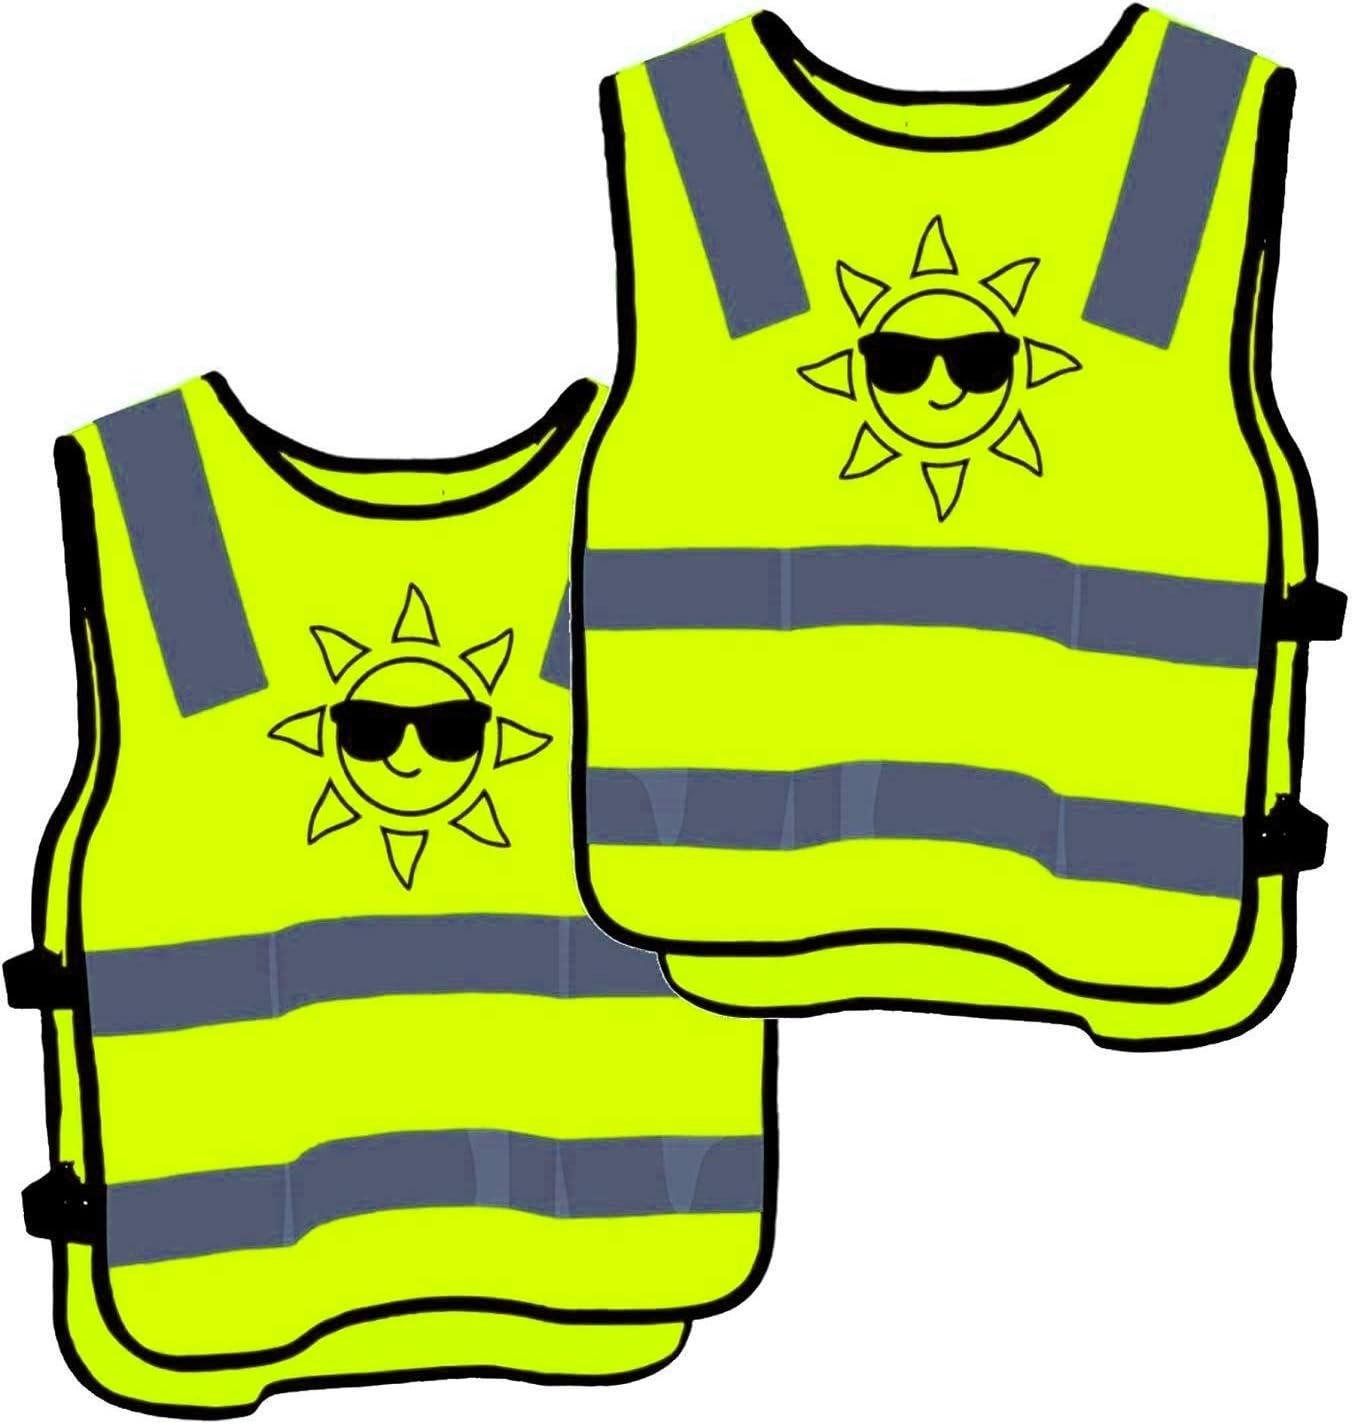 2 Warnweste Kinder Sicherheitsweste Gelb Stark Sichtbar Atmungsaktiv Universal Größe Schutz Für Jungs Mädchen Auto